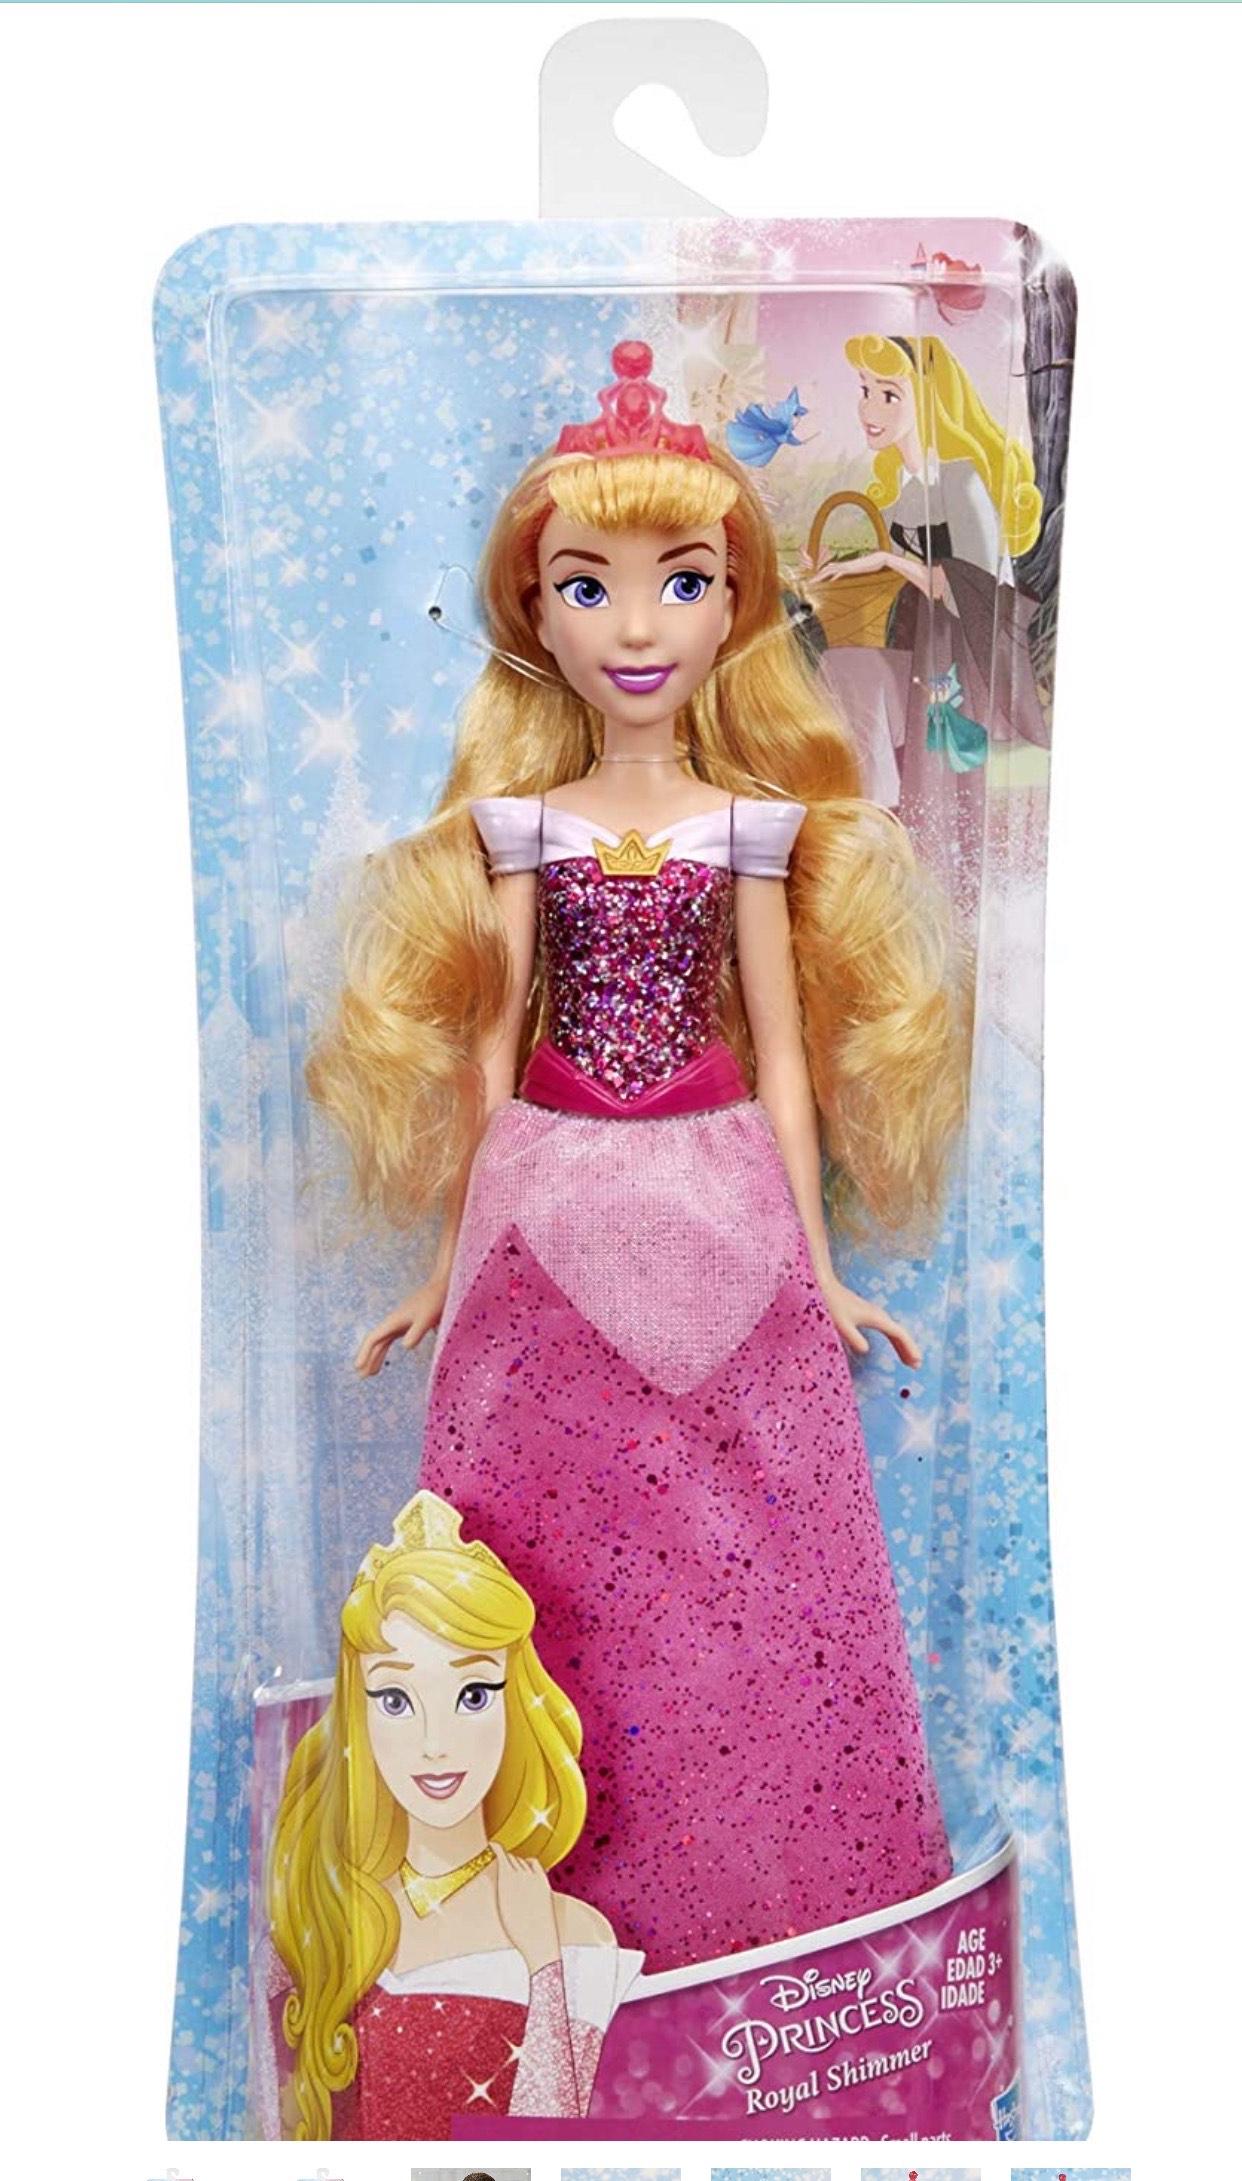 [meer figuren] Disney Princess Royal Shimmer Pop Doornroosje